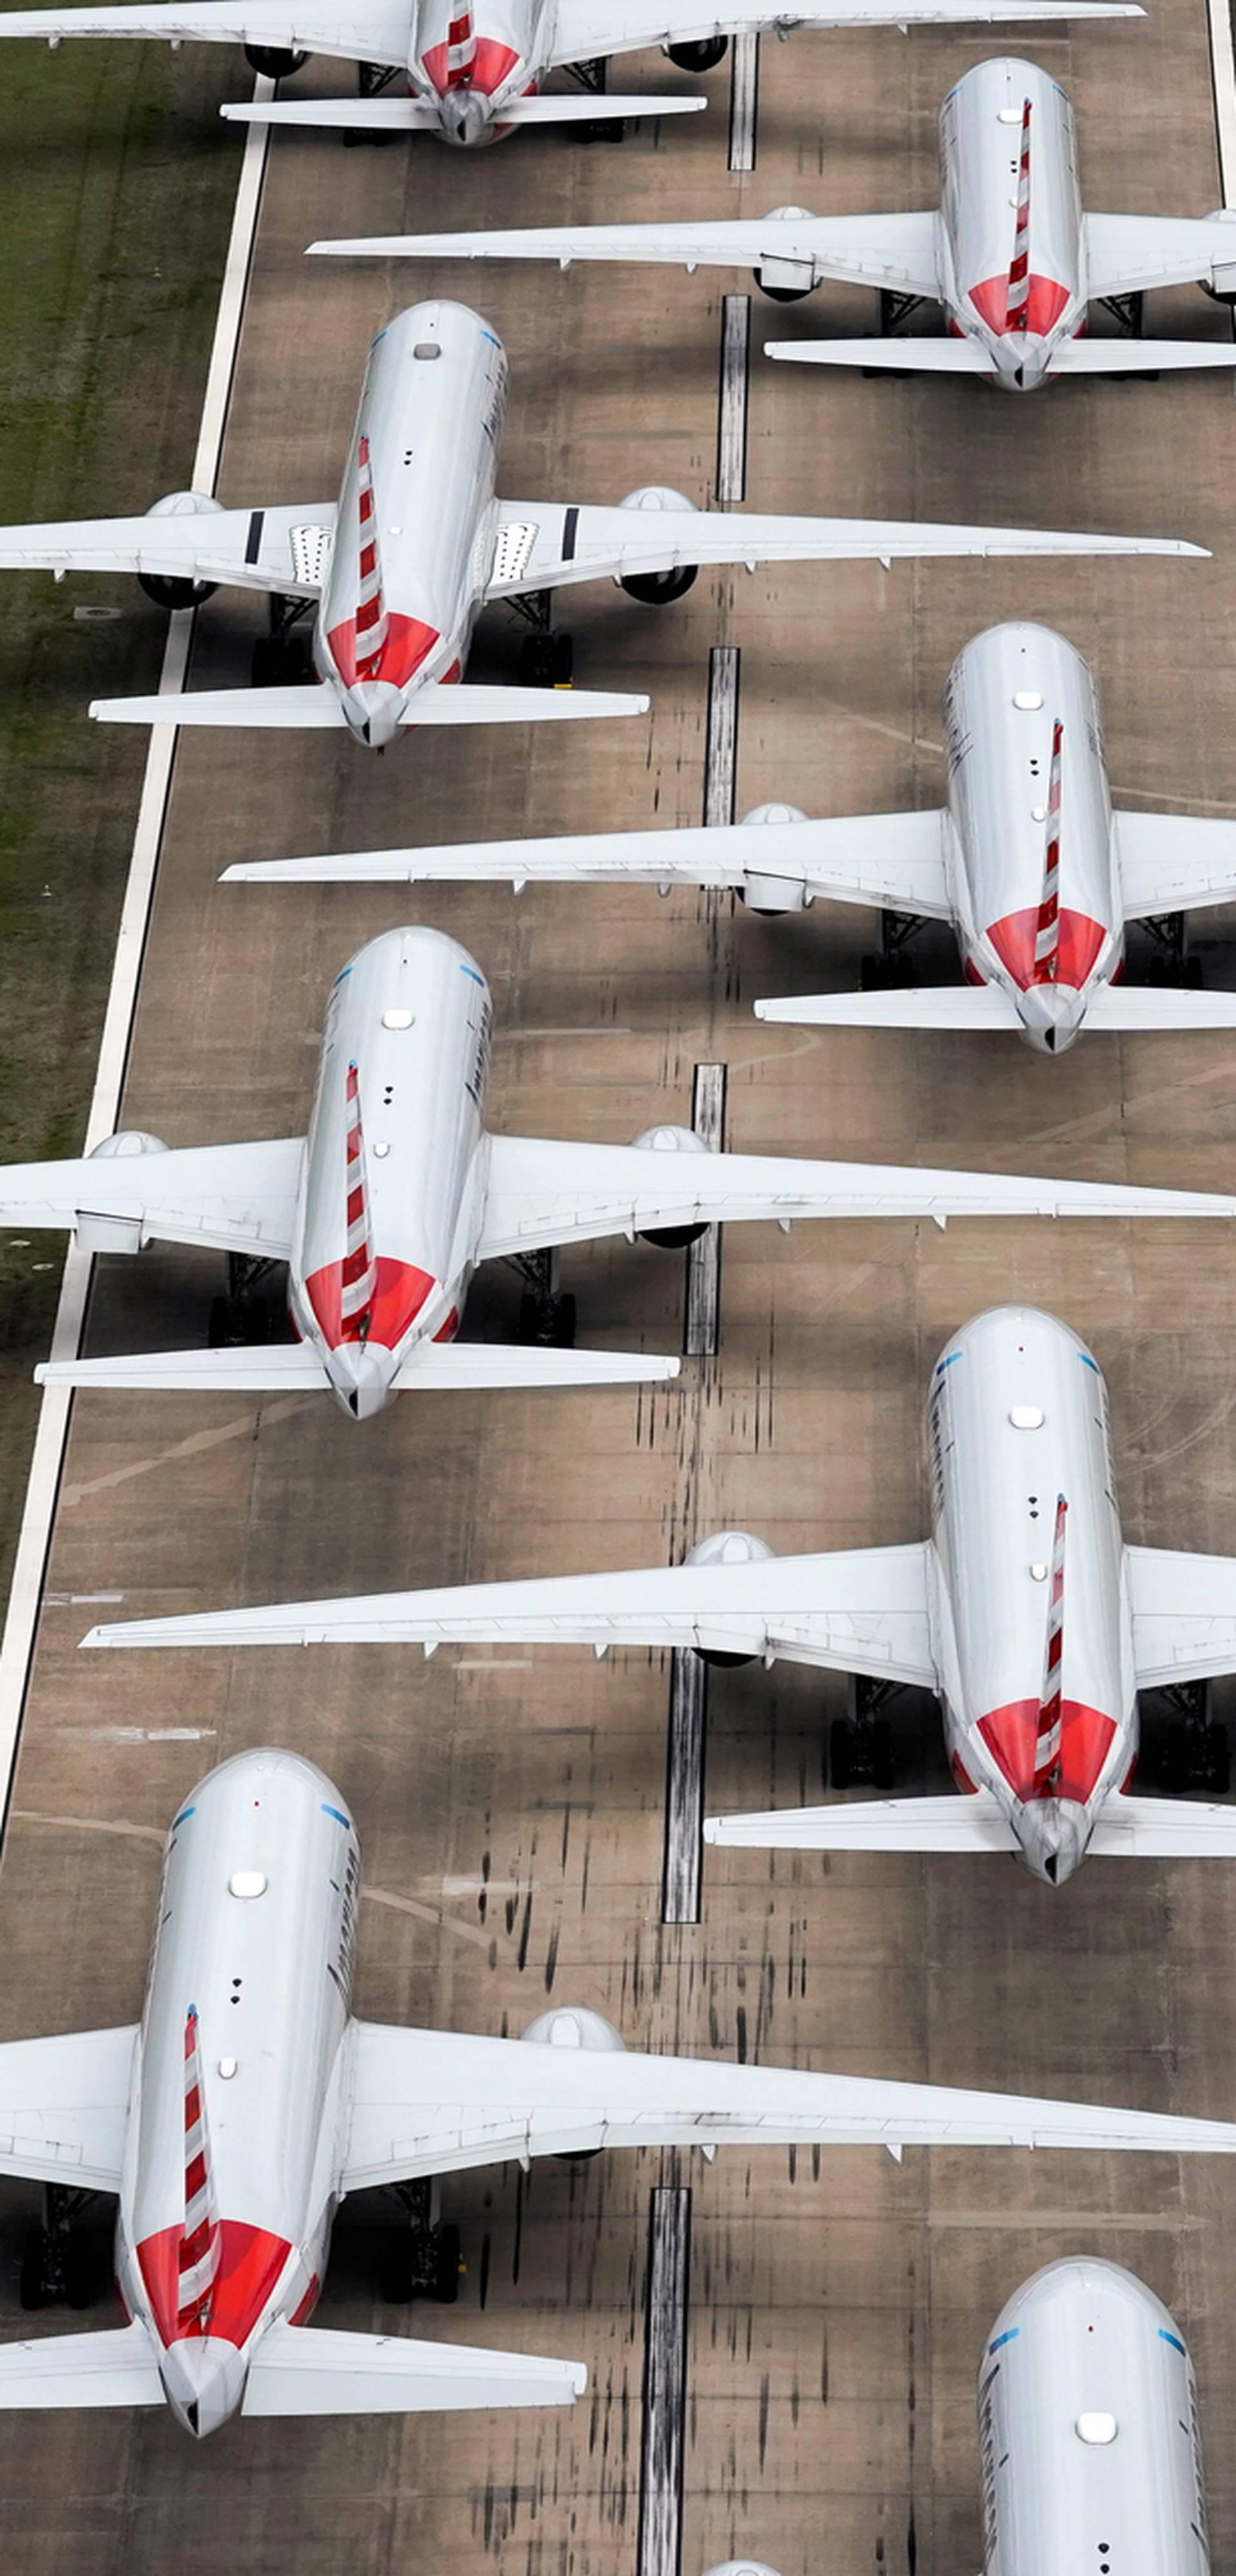 Kasniji oporavak: Međunarodni zračni promet mogao bi se opet vratiti u normalu 2024. godine